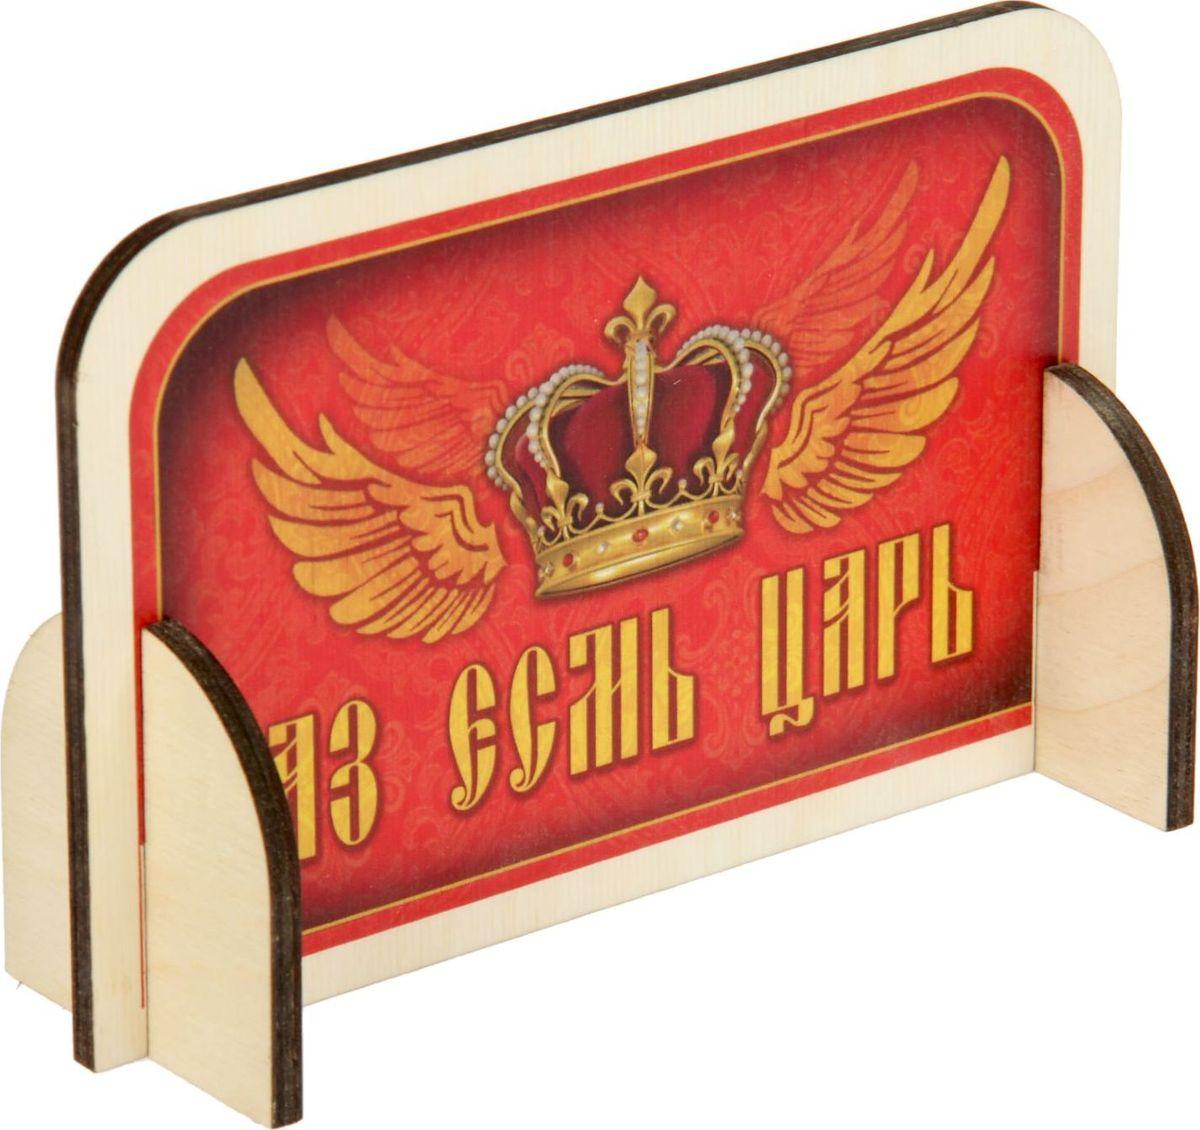 Табличка настольная Аз есмь царь, 20 х 13 см табличка настольная аз есмь царь 20 х 13 см